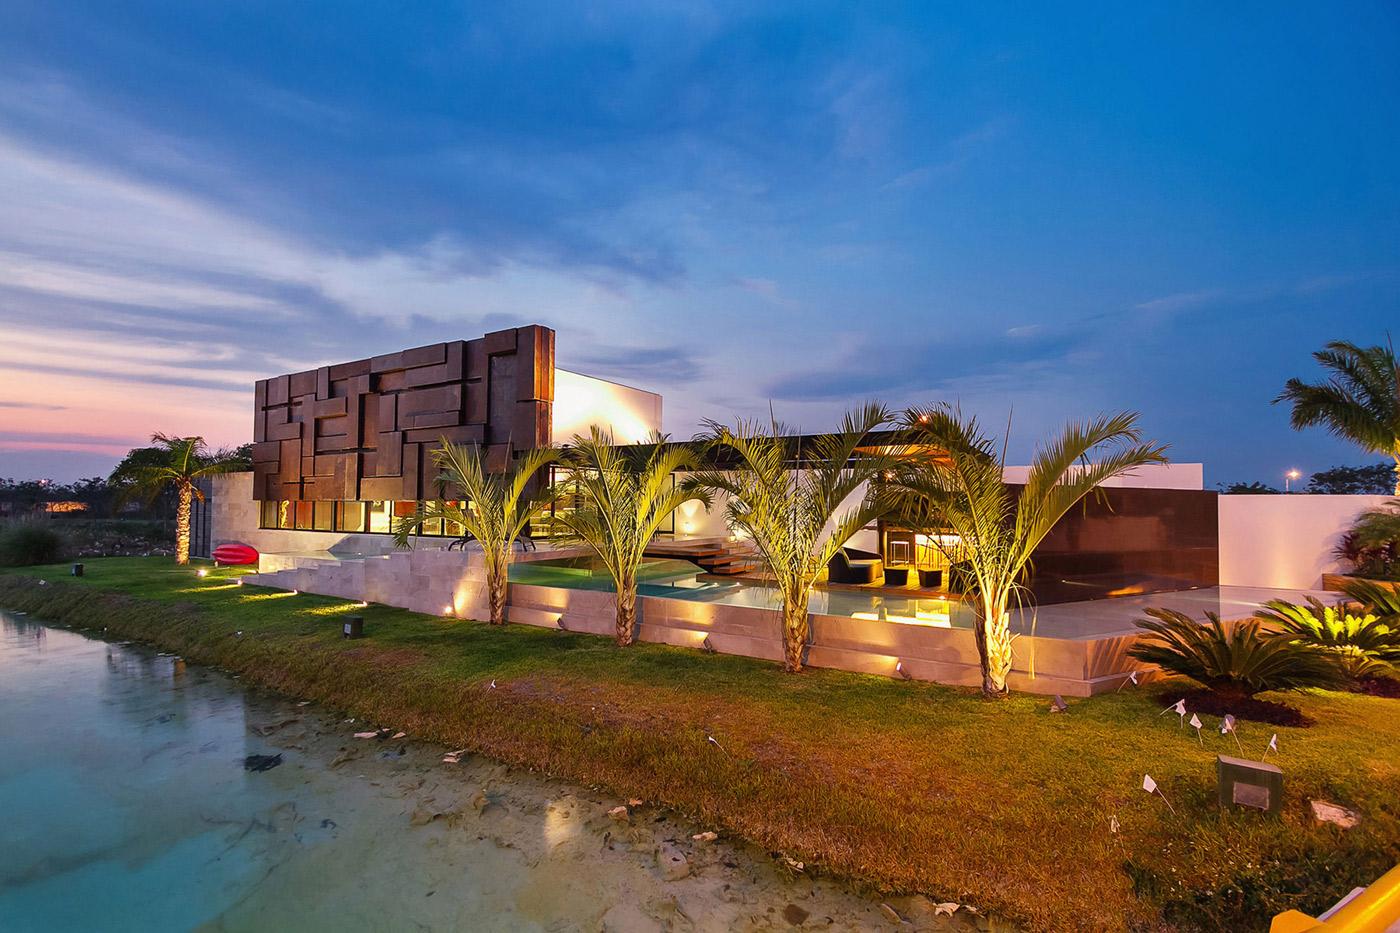 Garden, River, Contemporary Residence in Merida, Yucatan